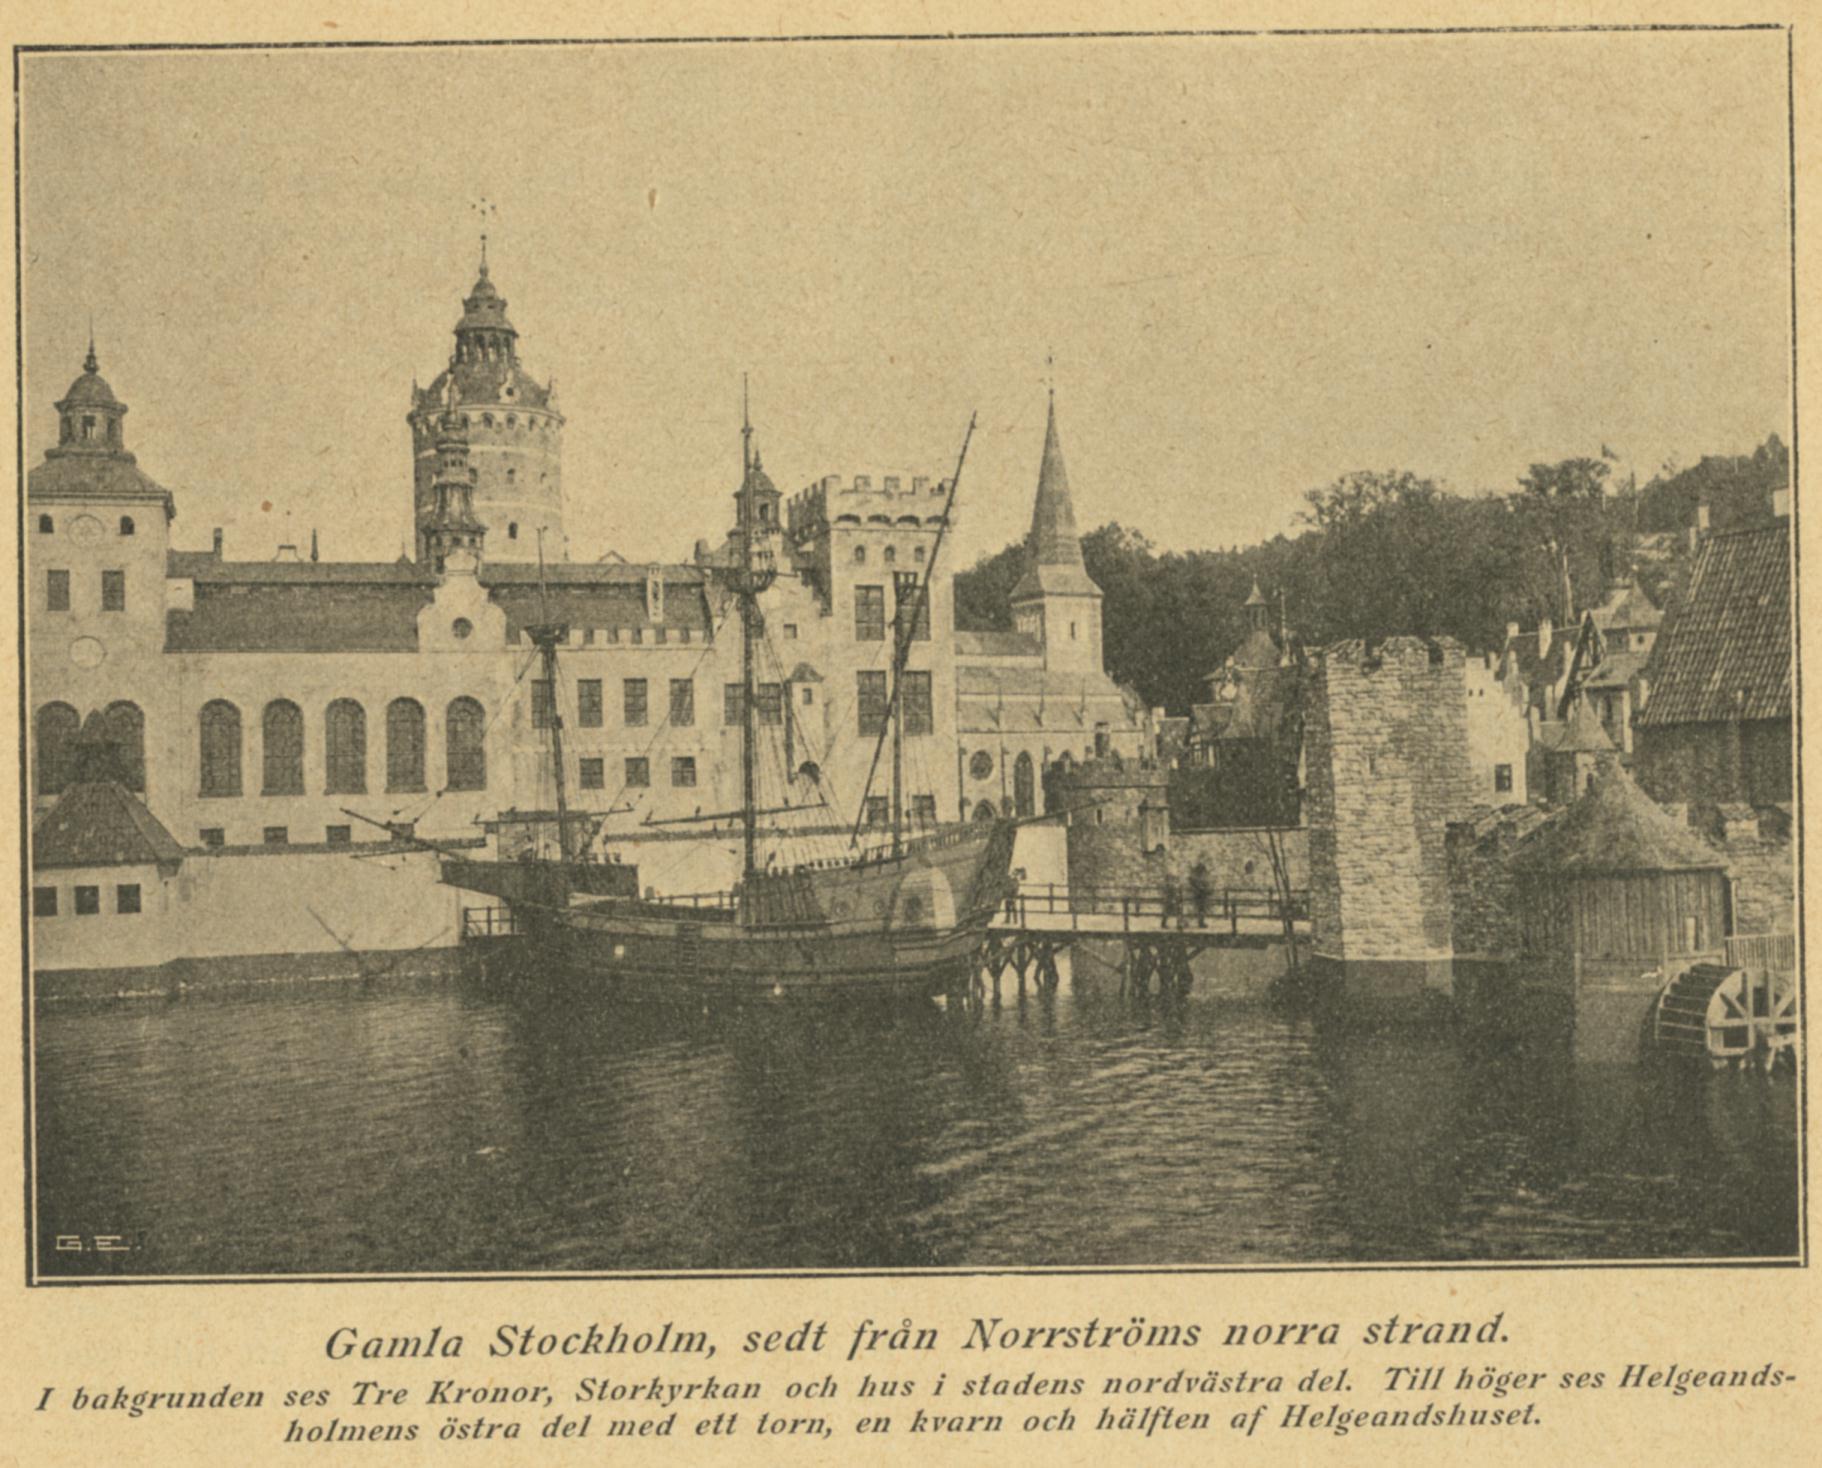 Gamla Stockholm, sett från Norrströms norra strand